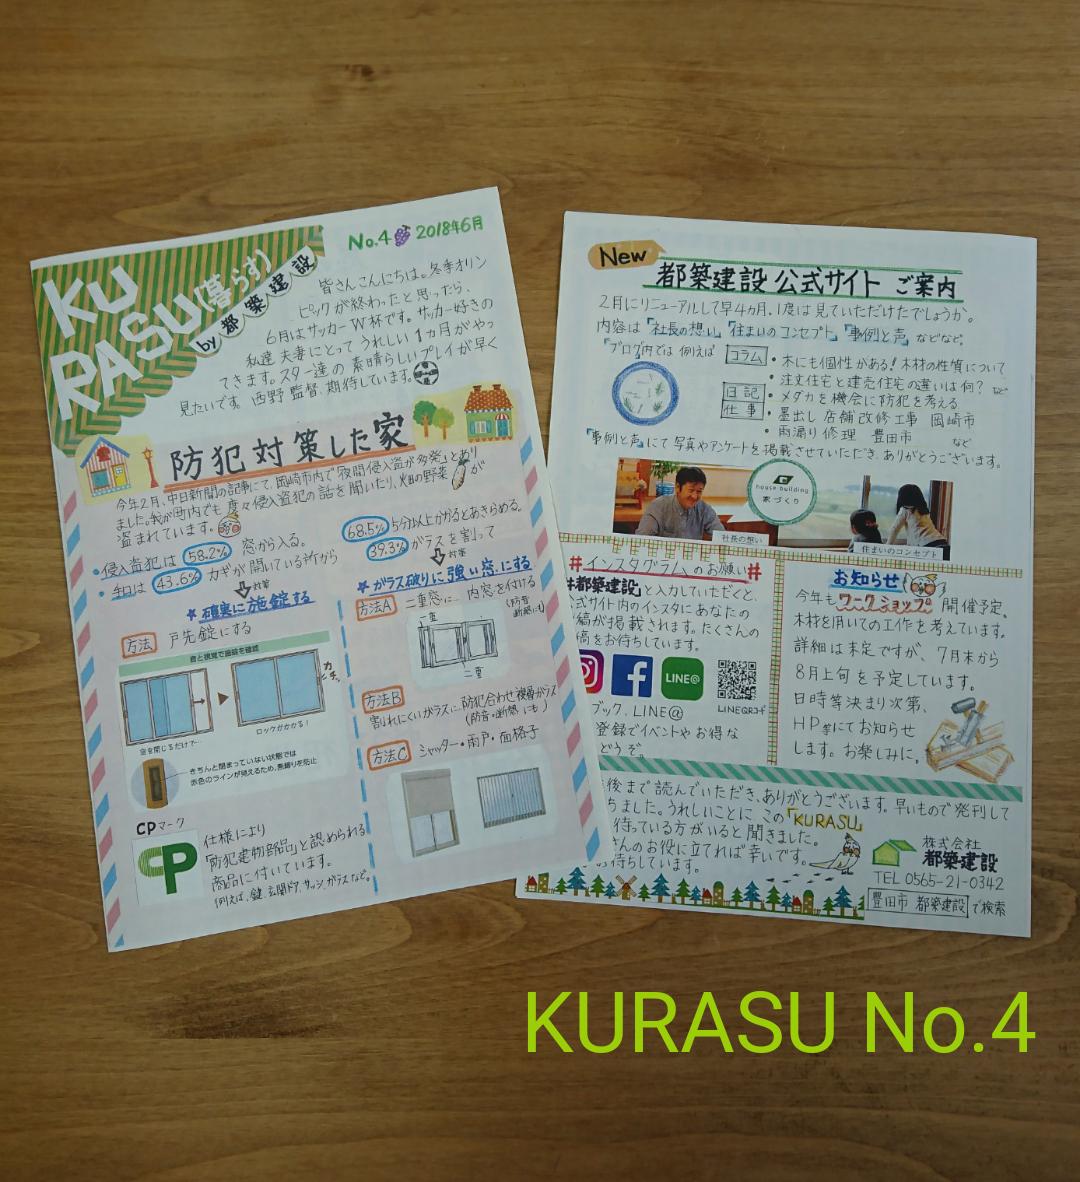 豊田市都築建設の情報誌KURASUNo.4